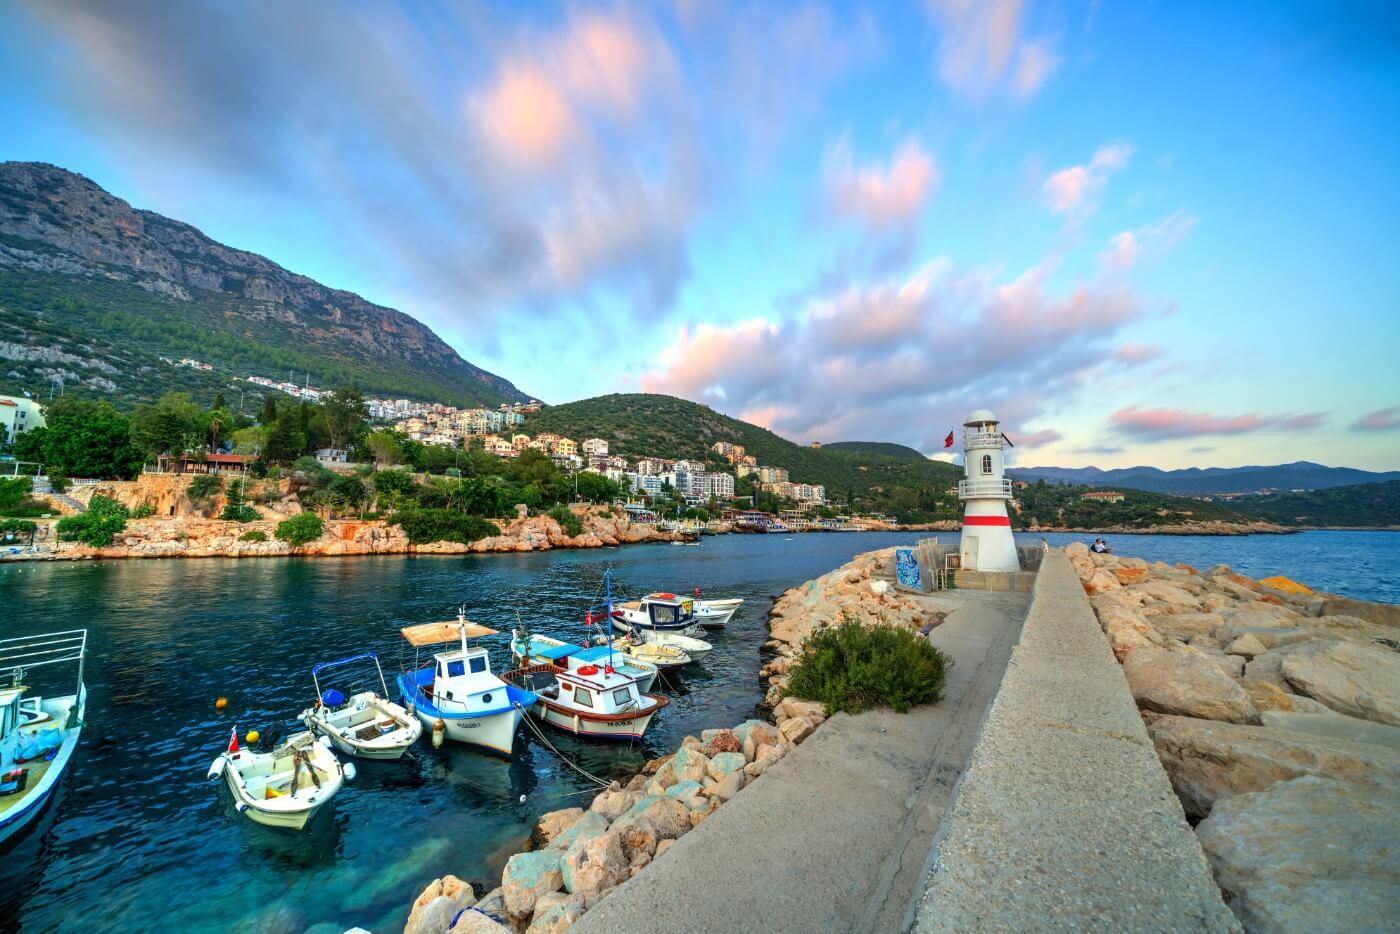 kaş yat limanı ve deniz feneri